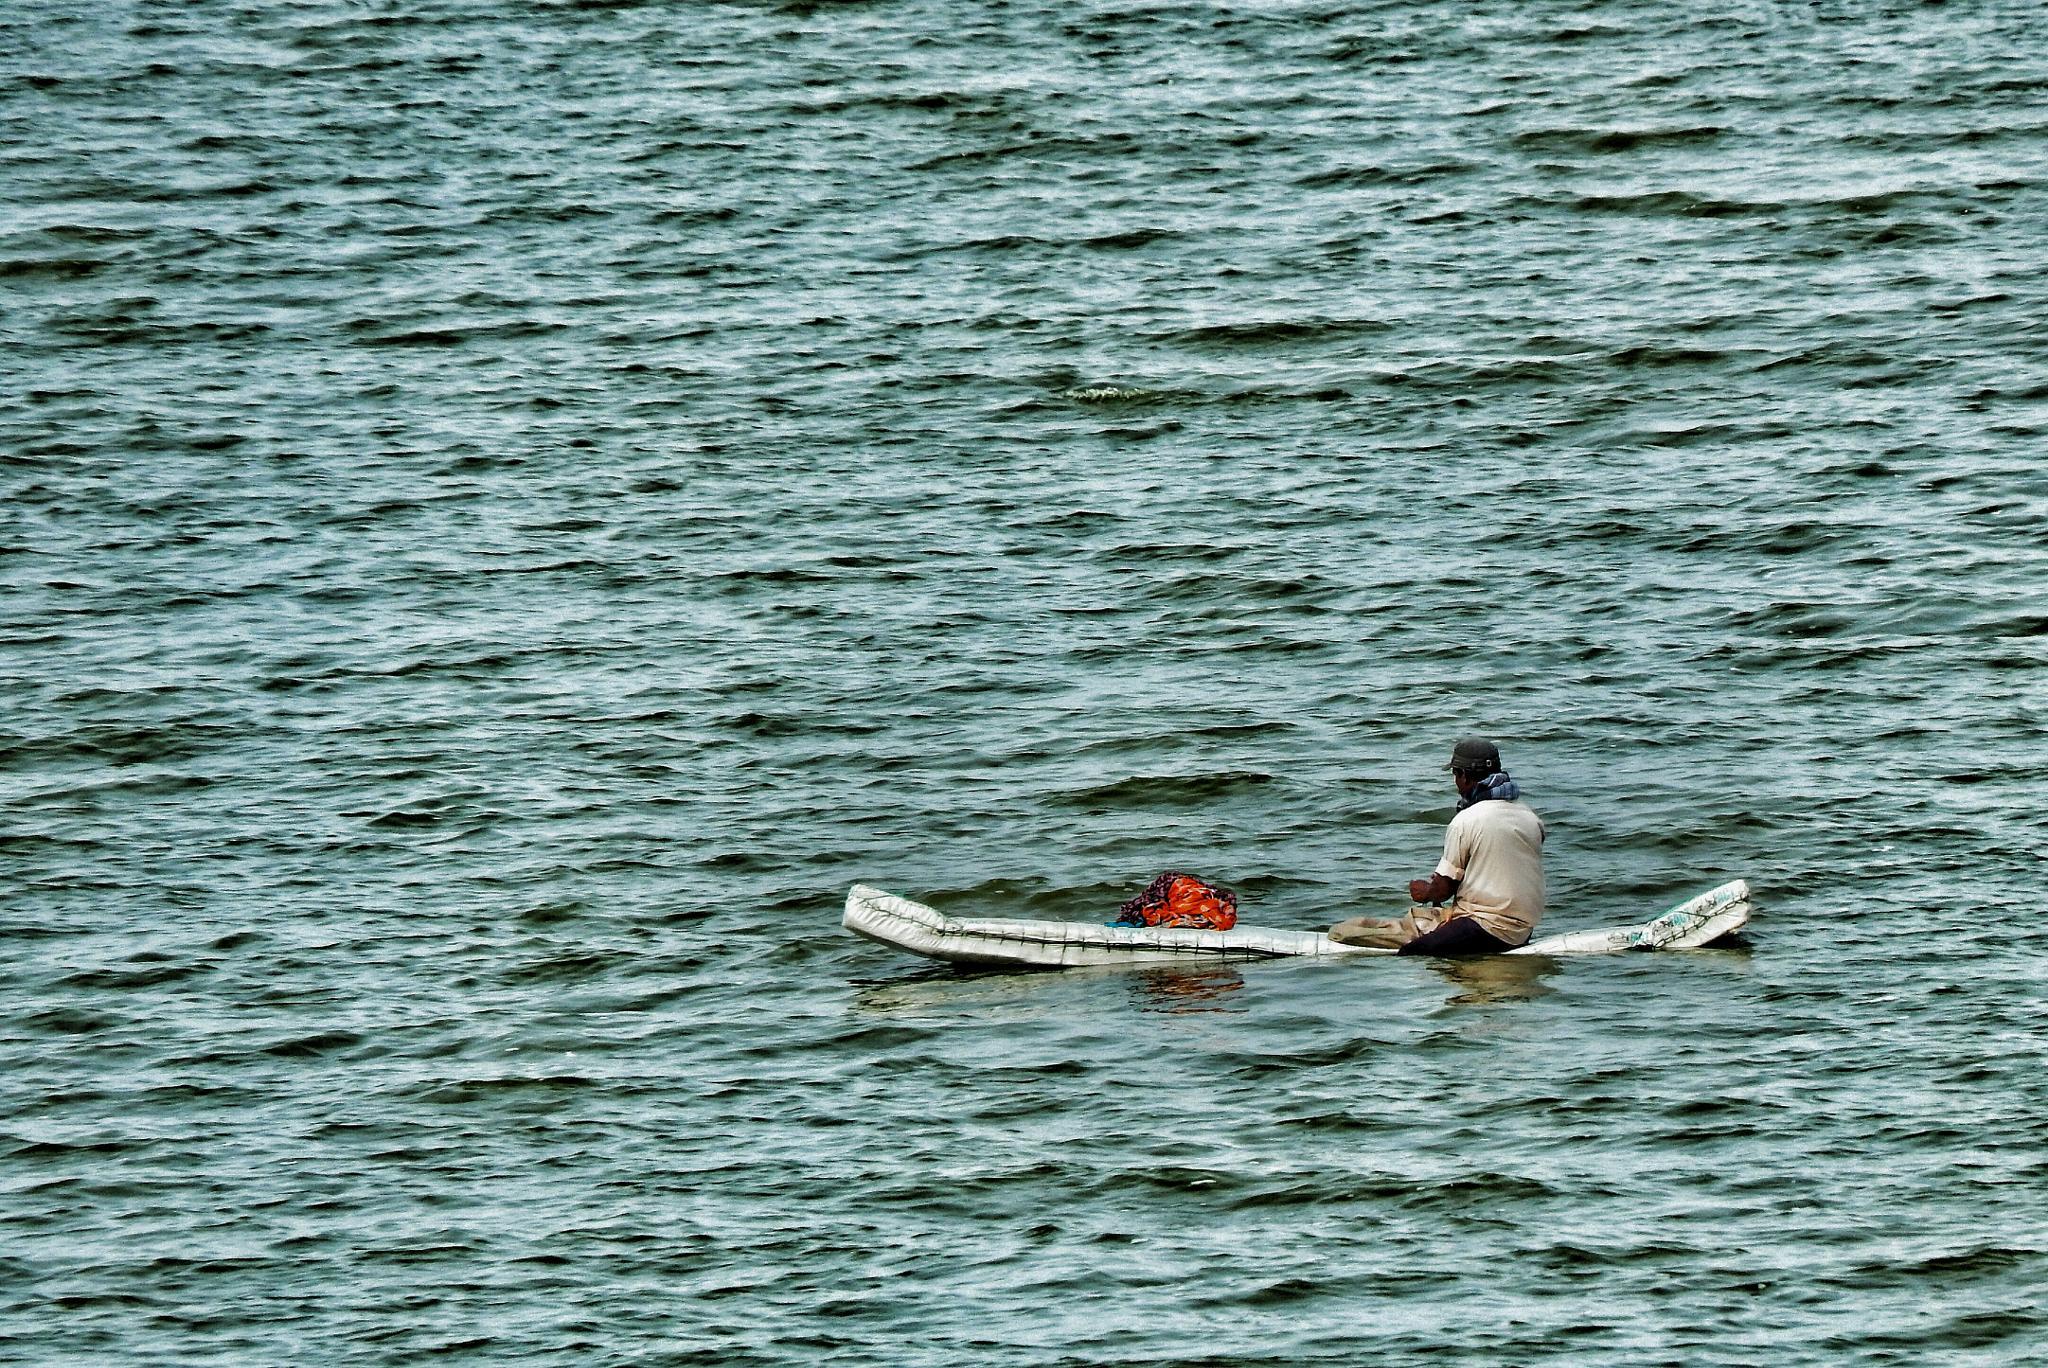 boatman by Aritra ghosh